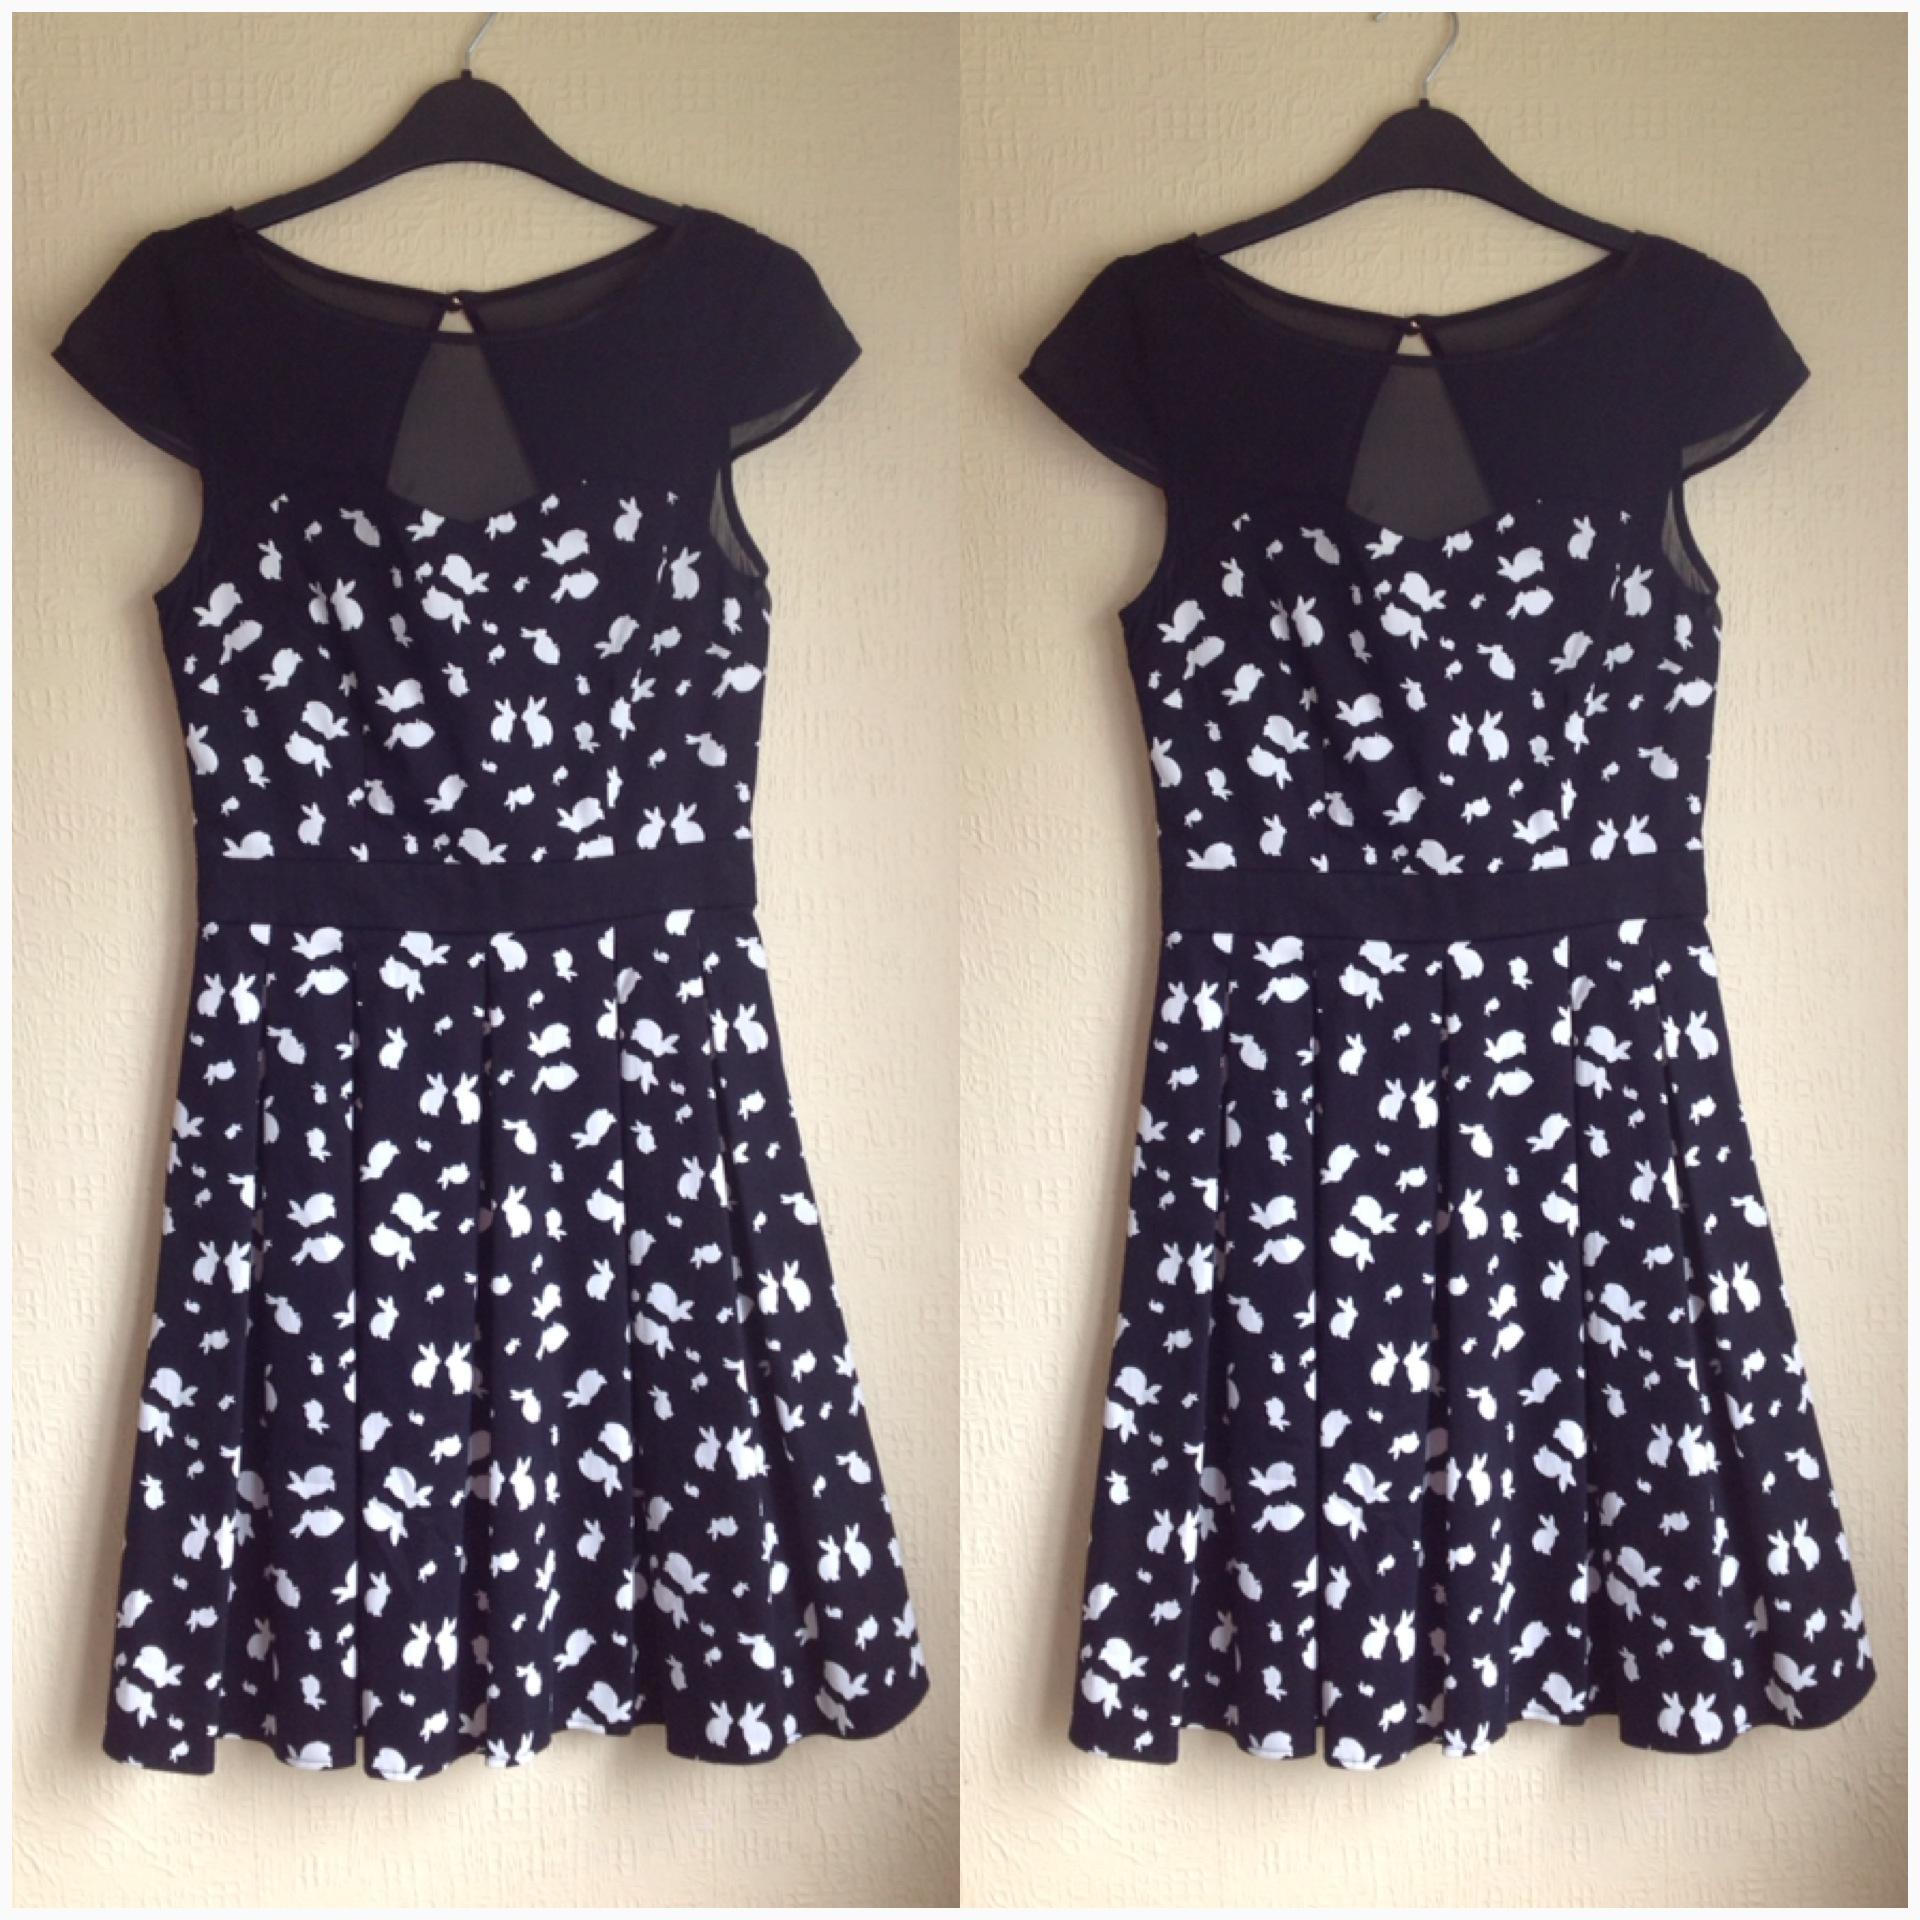 Dorothyperkins Dress Size Uk6